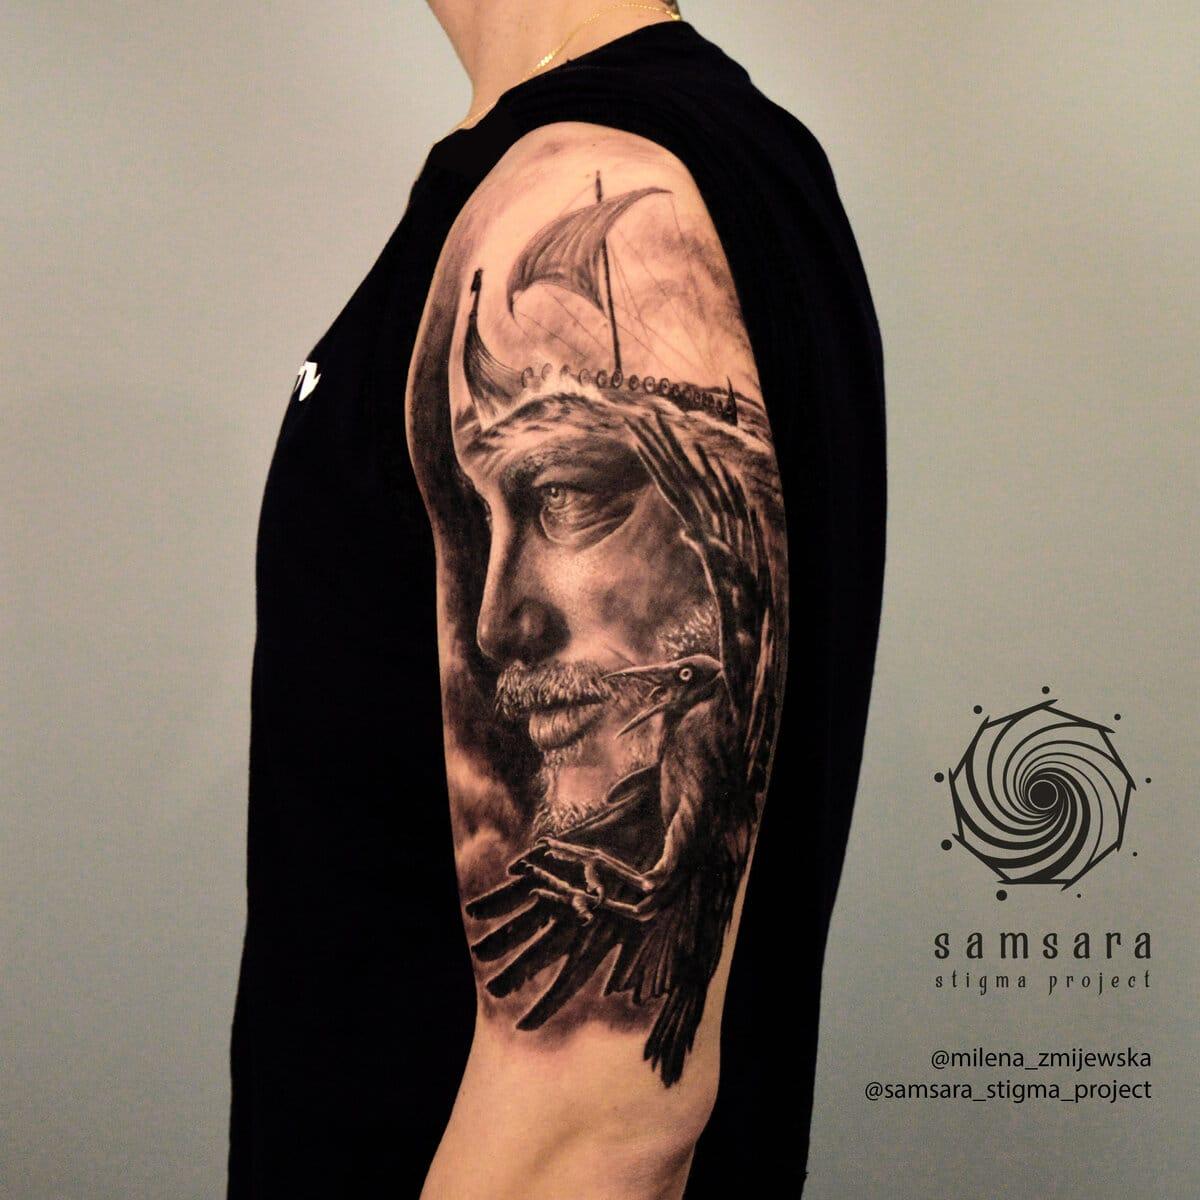 milena-zmijewska-tattoo-artist-ragnar-hyper-realistic